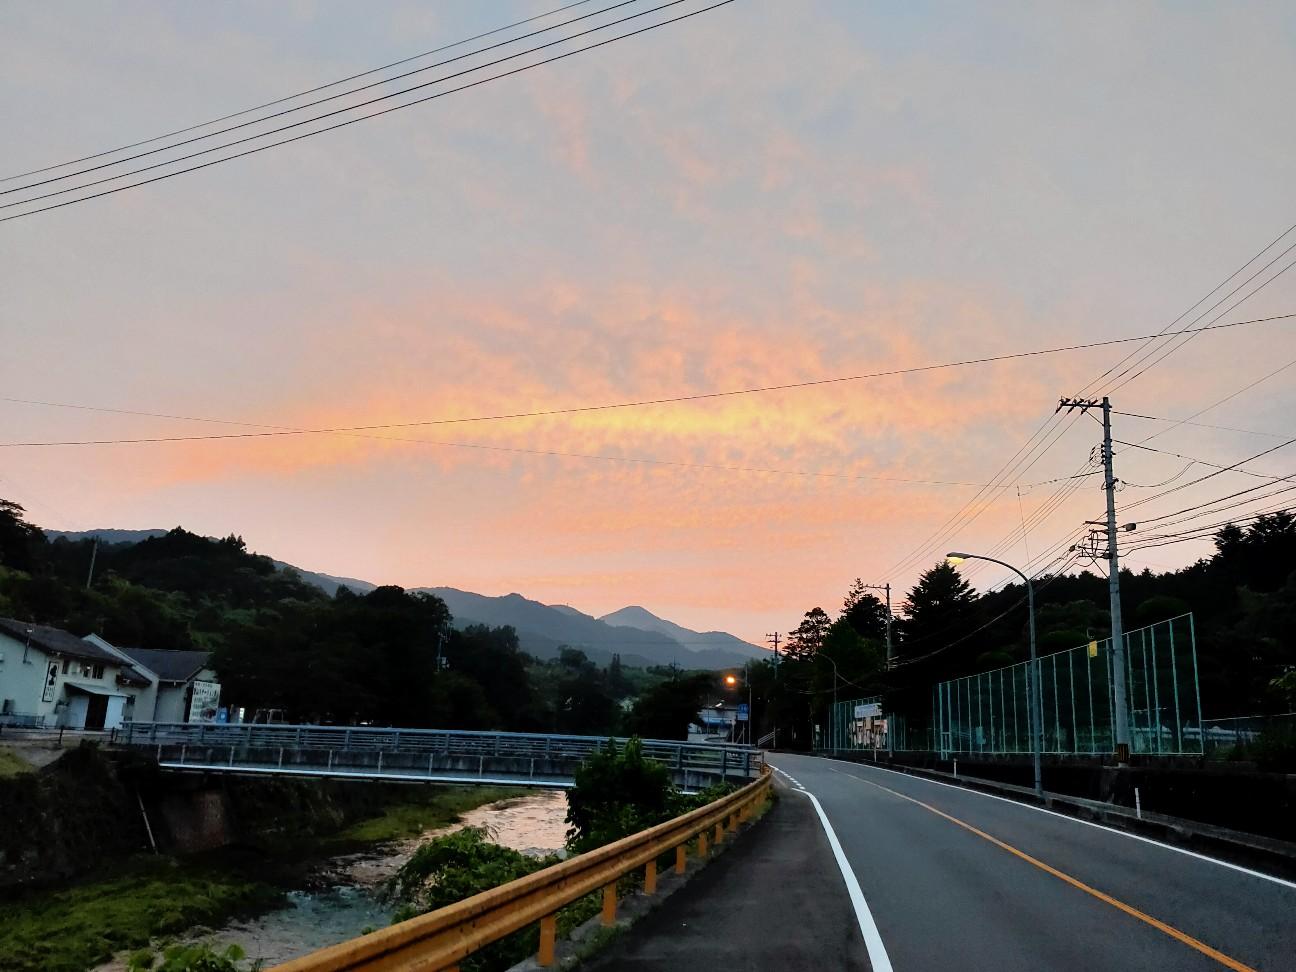 f:id:shingo_shiraishi:20200708212840j:image